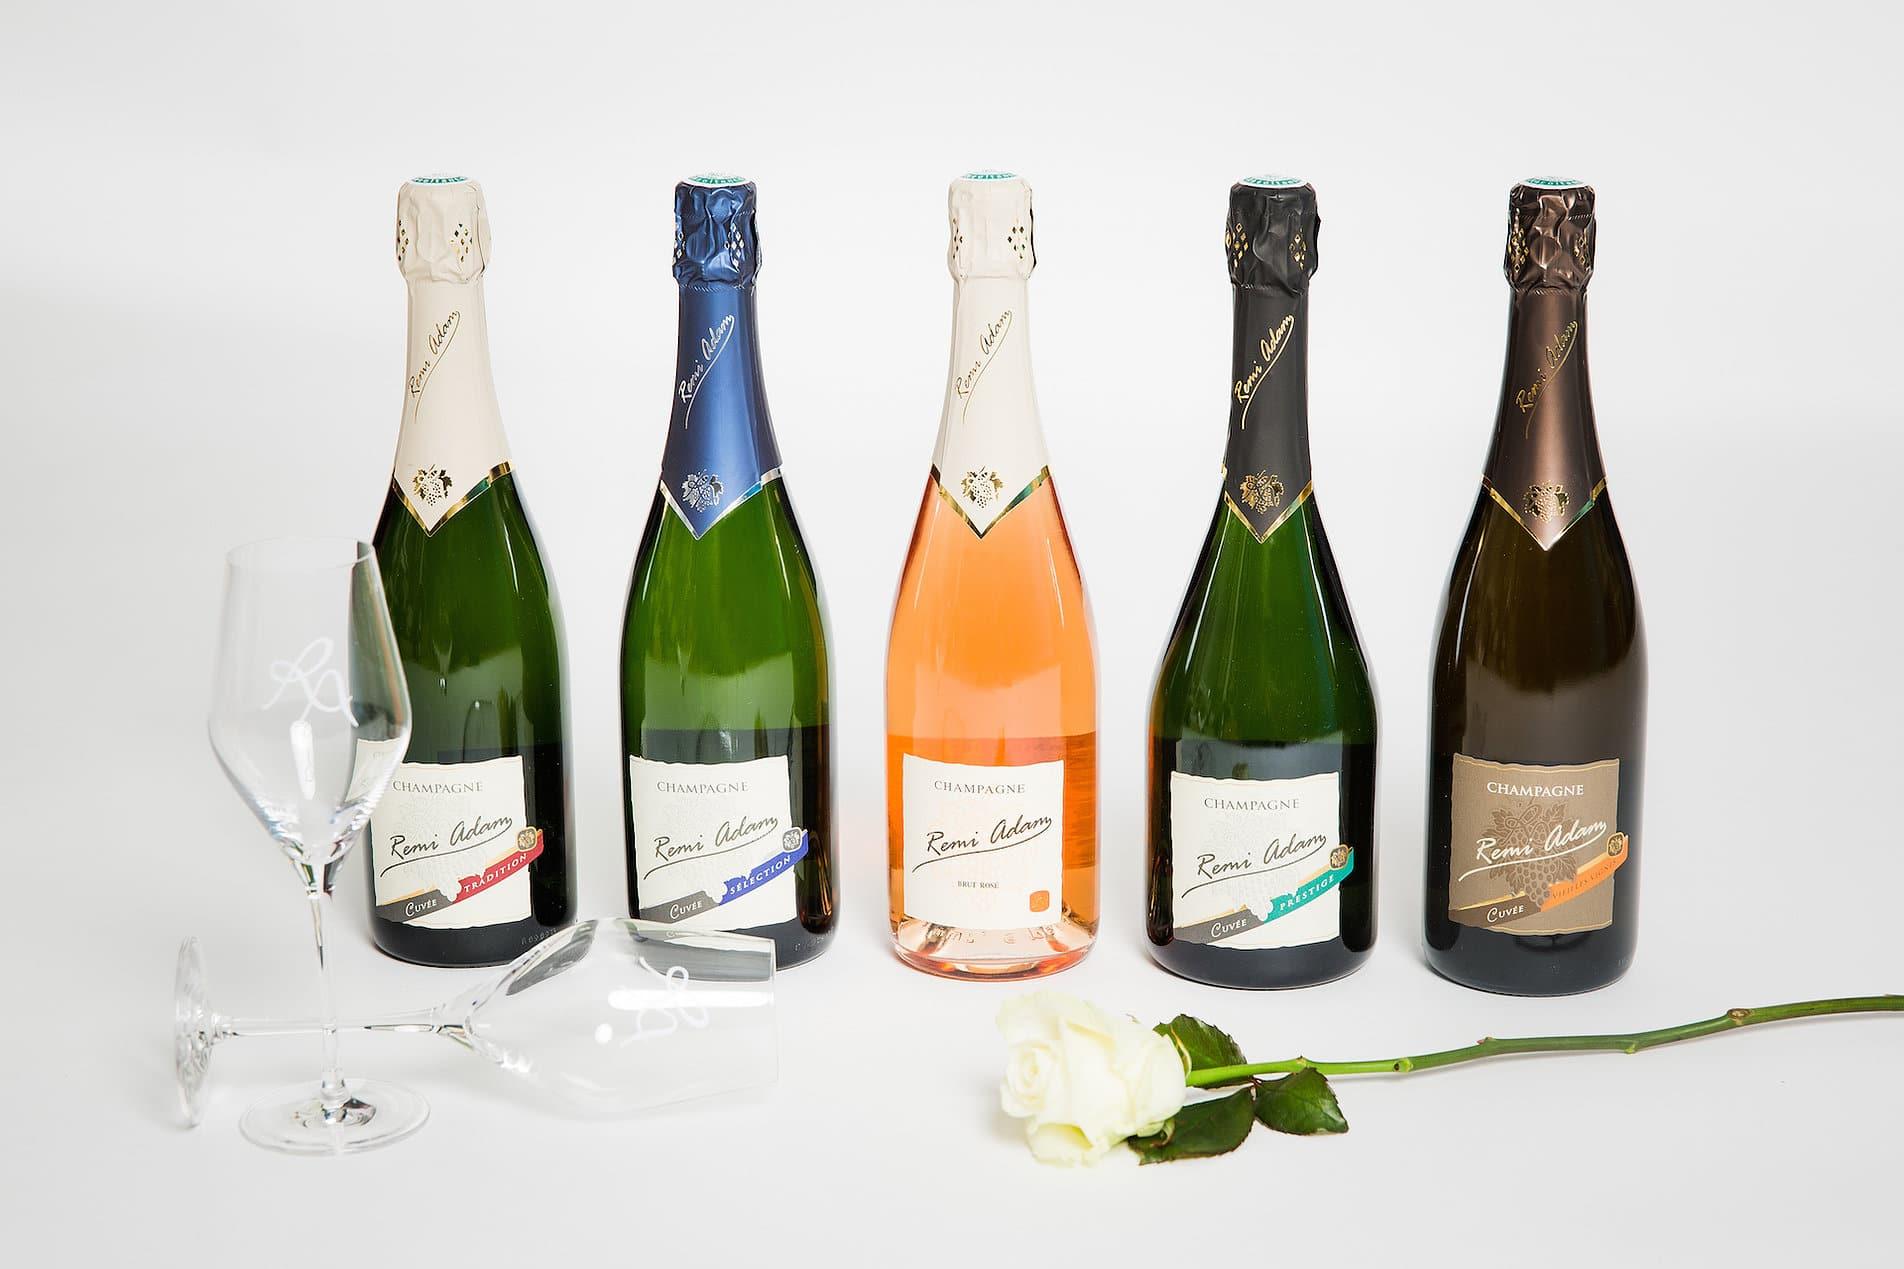 Le champagne Rémi-Adam, la passion du vin